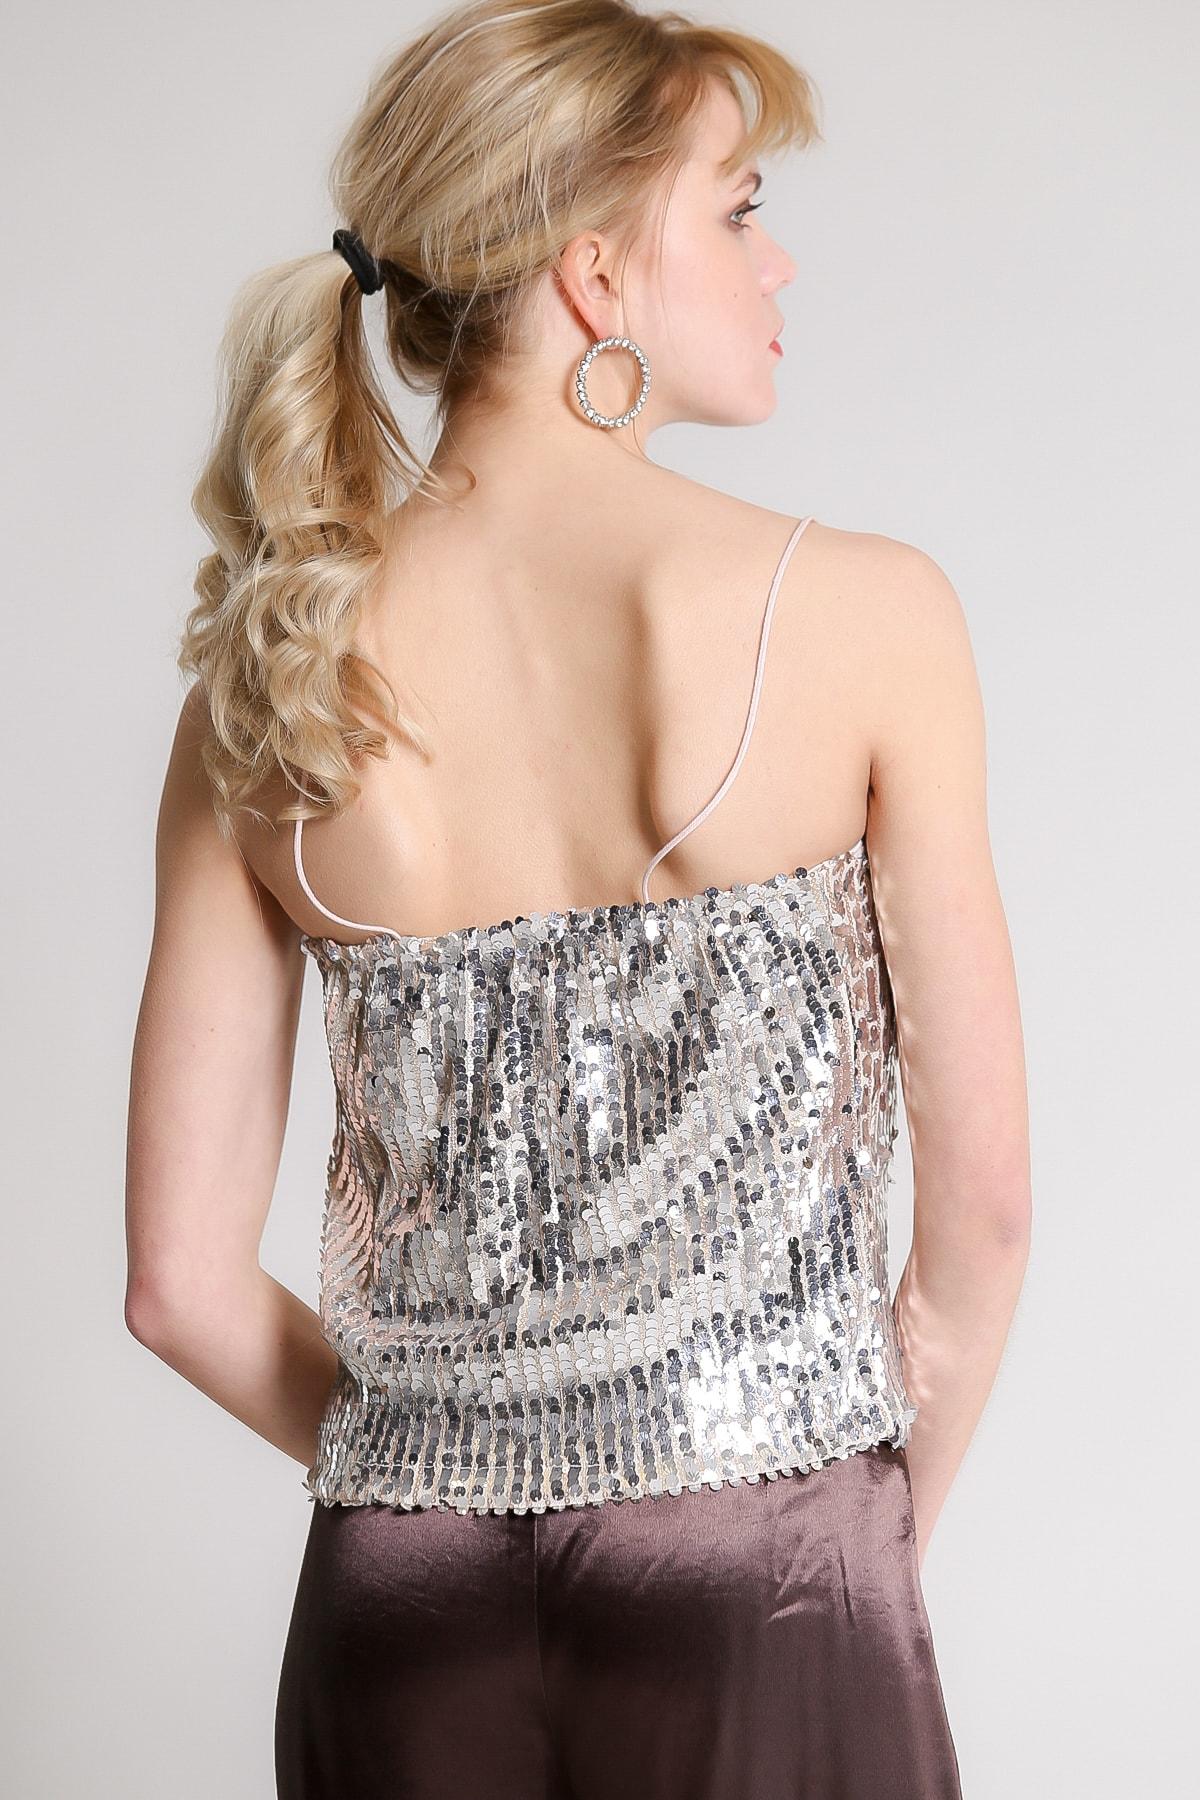 Chiccy Kadın Gümüş Retro Askılı Balık Pul Payetli Bluz M10010200BL96731 4